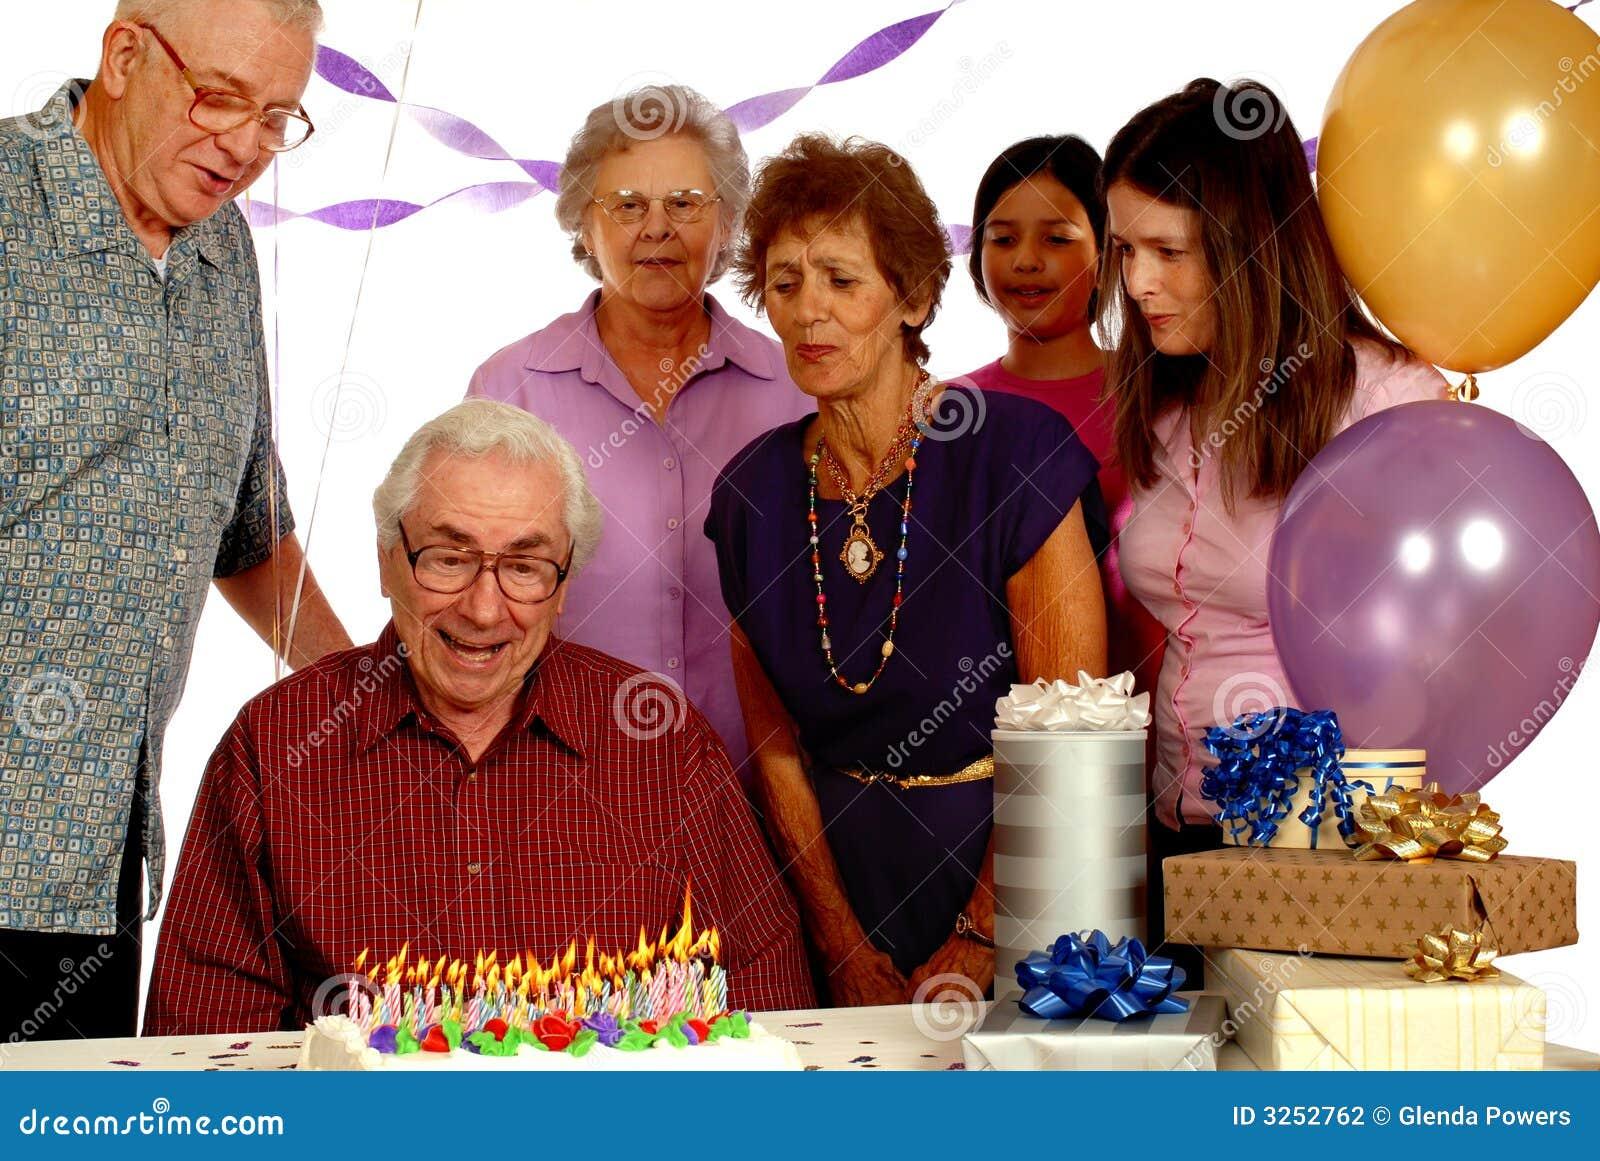 Birthday party senior